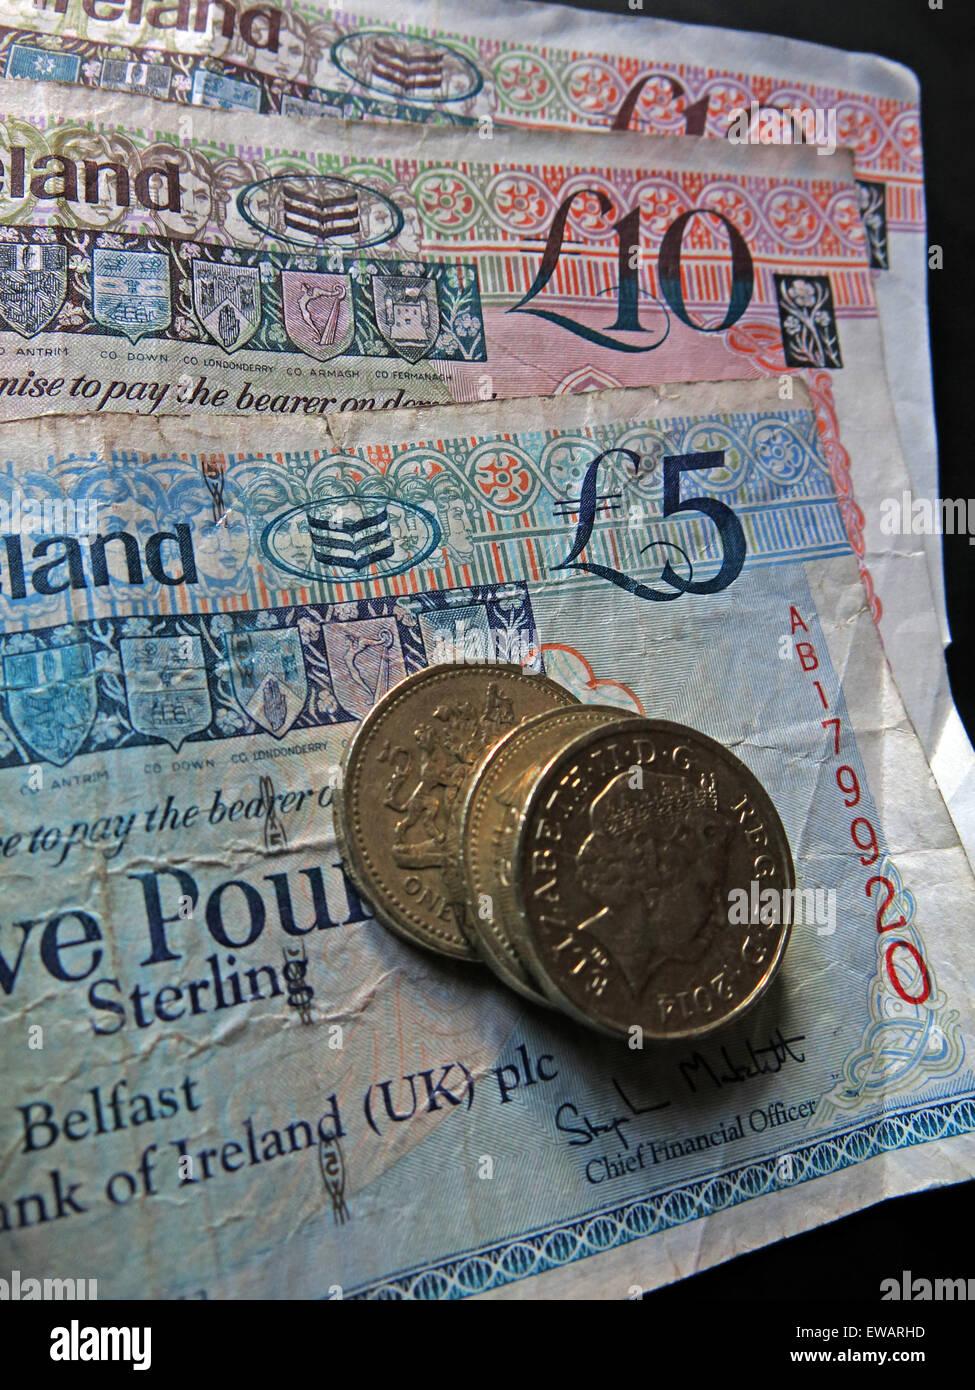 Laden Sie dieses Alamy Stockfoto Nördlichen irischen £5, £10 Notizen und Pfund-Münzen als gesetzliches Zahlungsmittel von der Bank Of Ireland Belfast - EWARHD